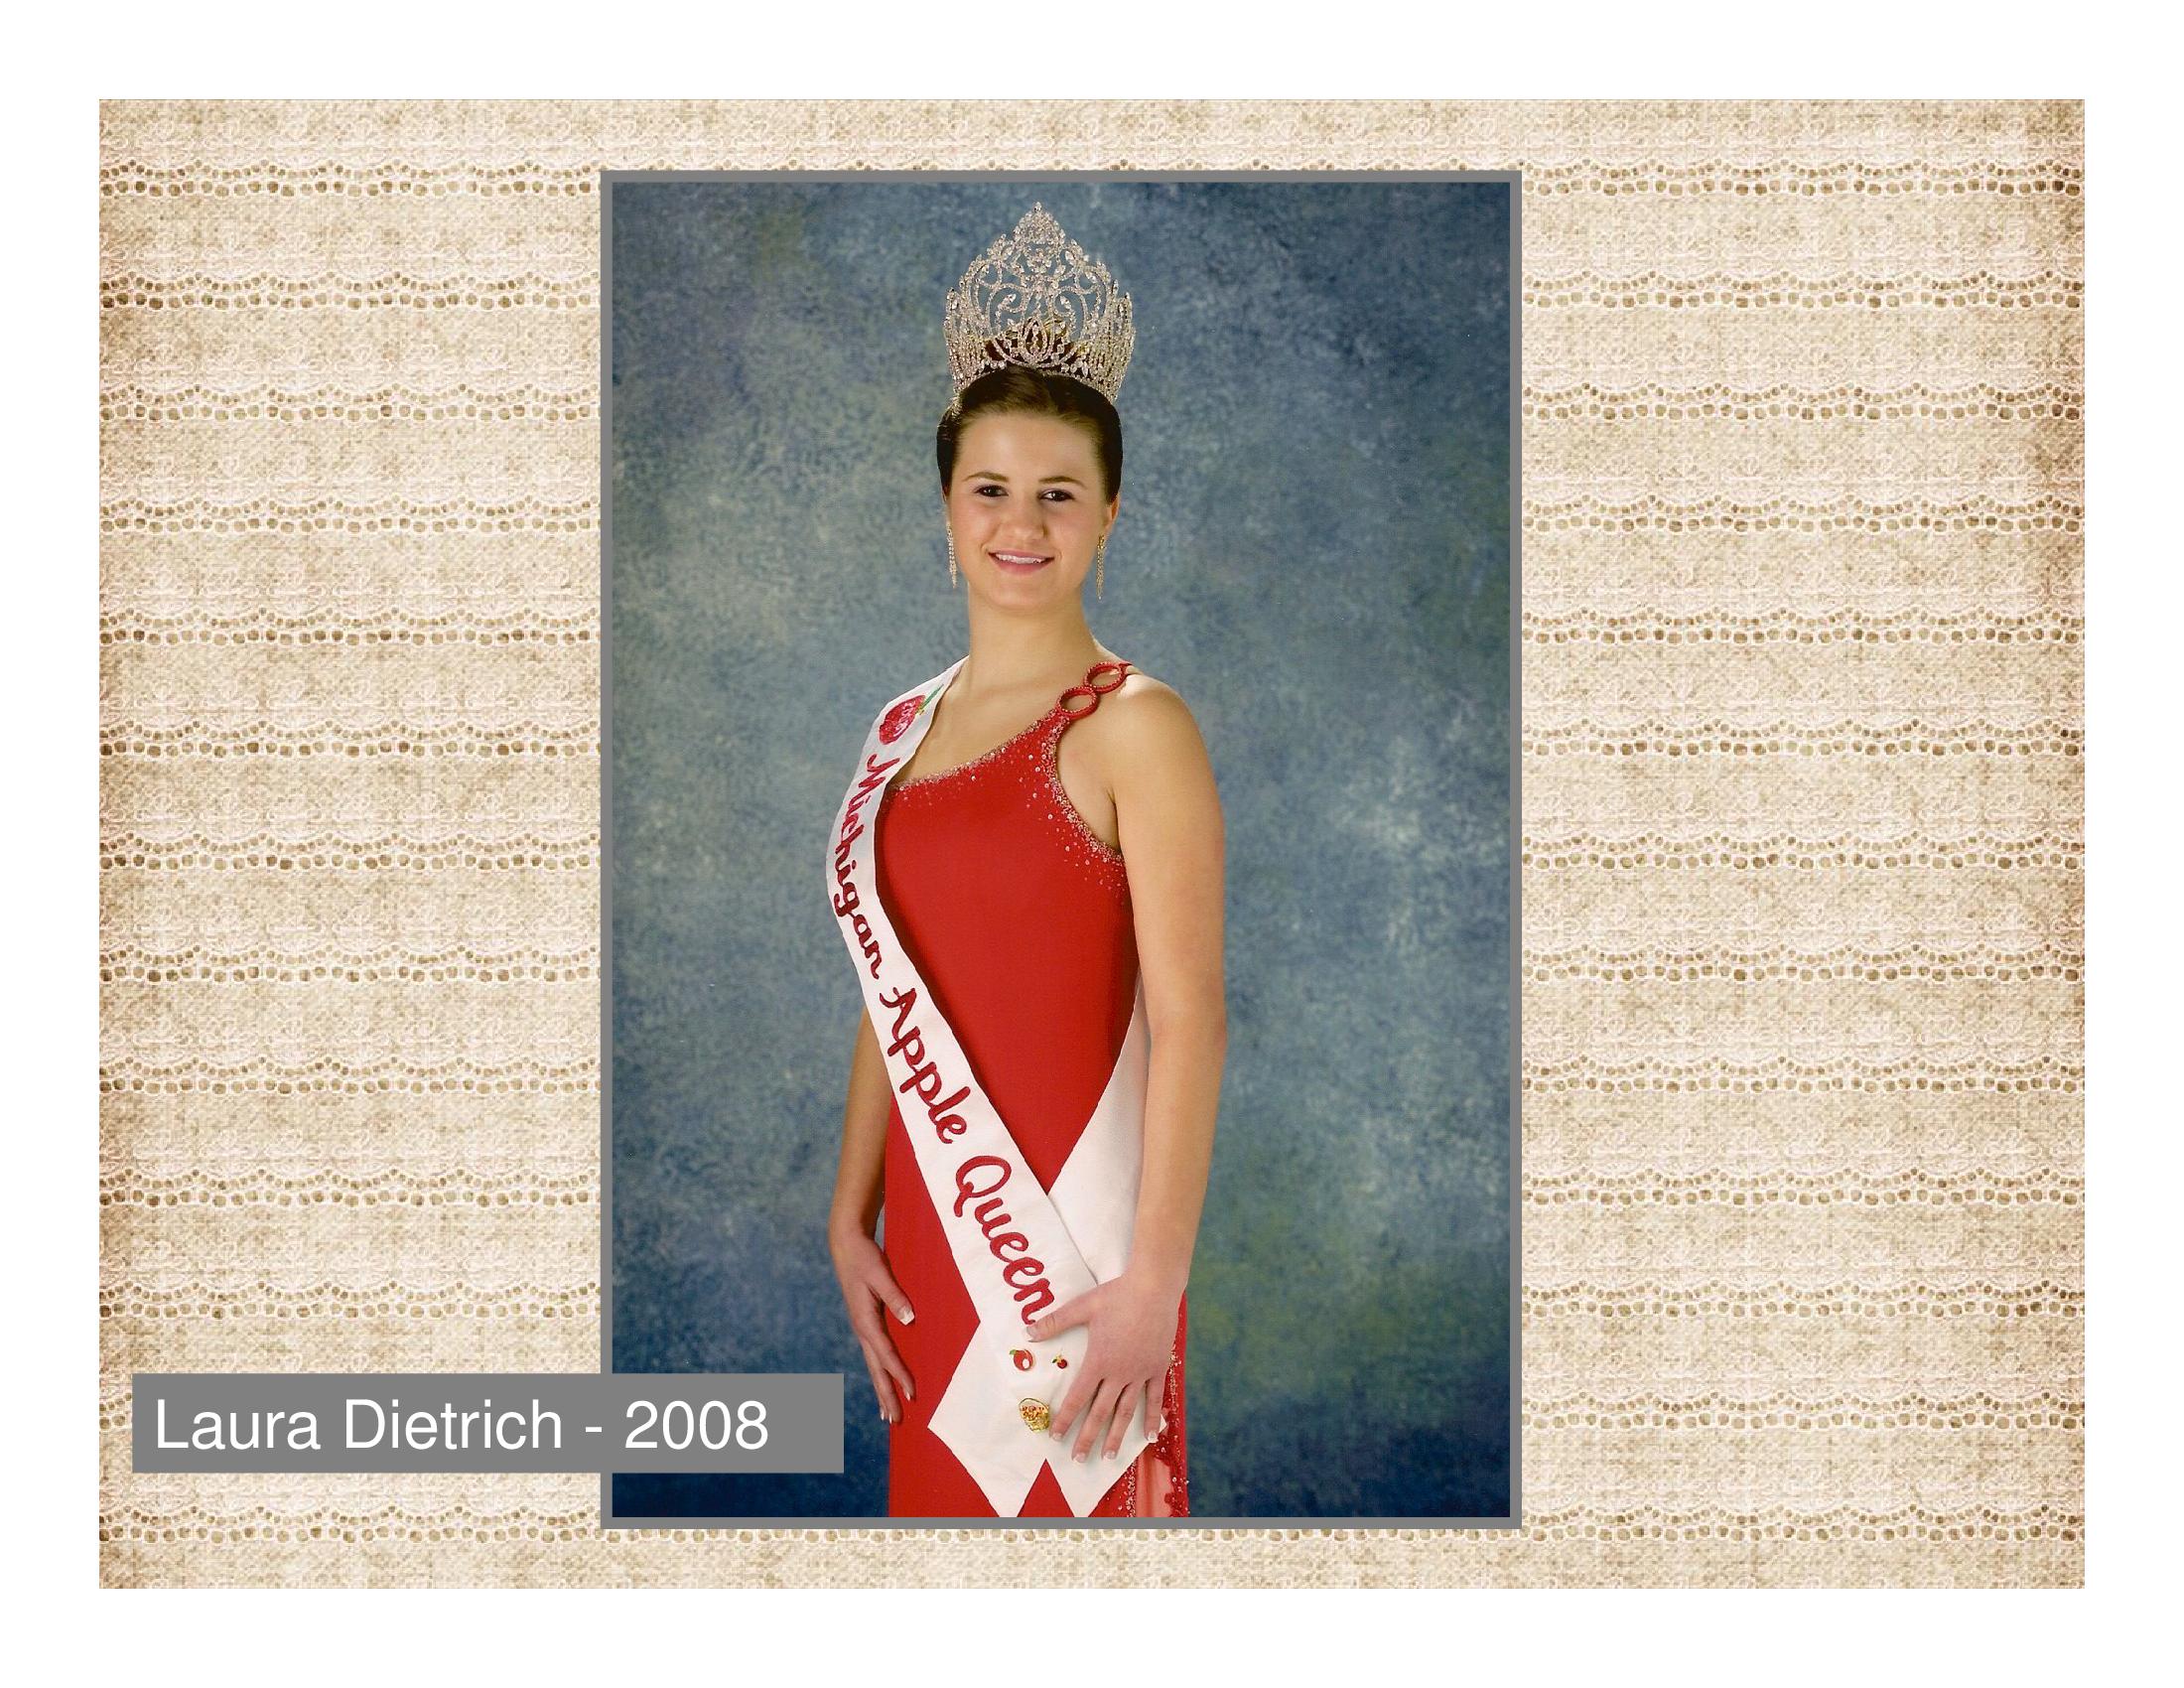 Laura Dietrich - 2008